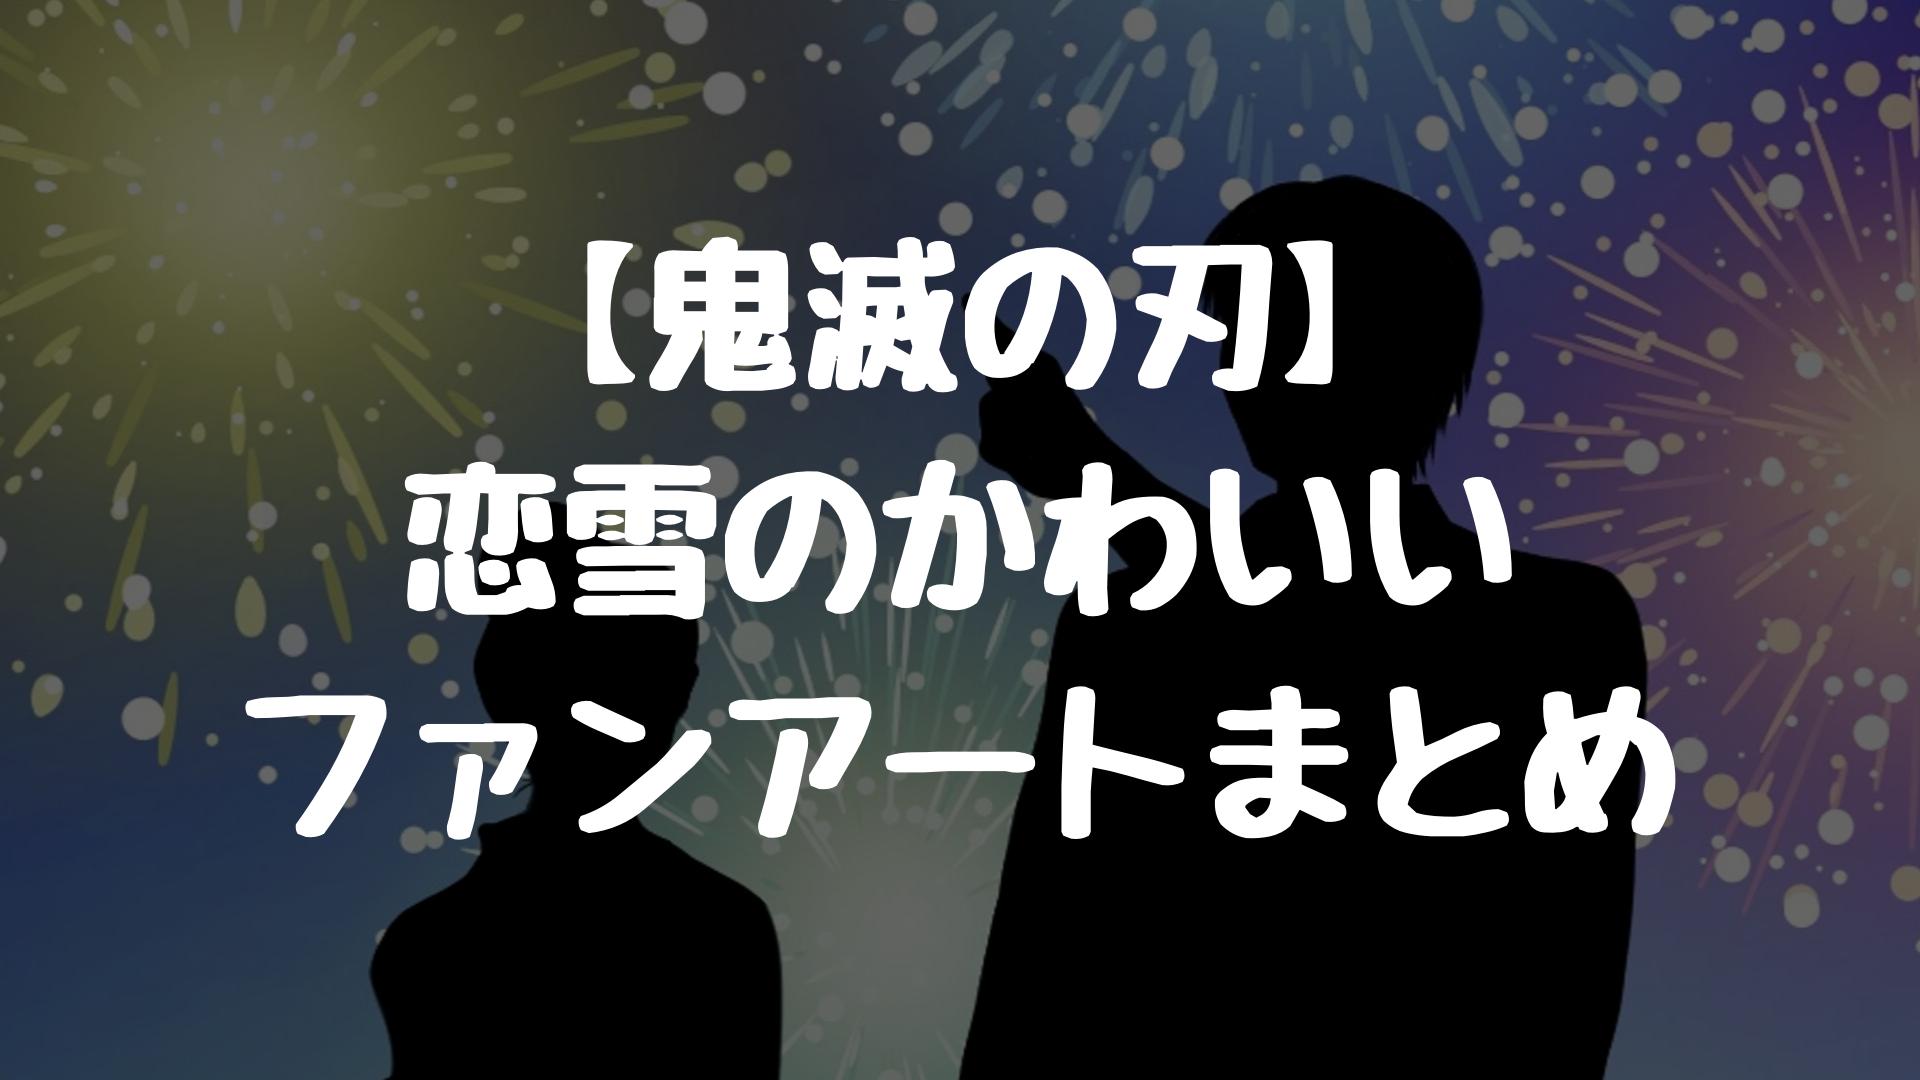 【鬼滅の刃】-恋雪と狛治のかわいい-ファンアートまとめアイキャッチ画像